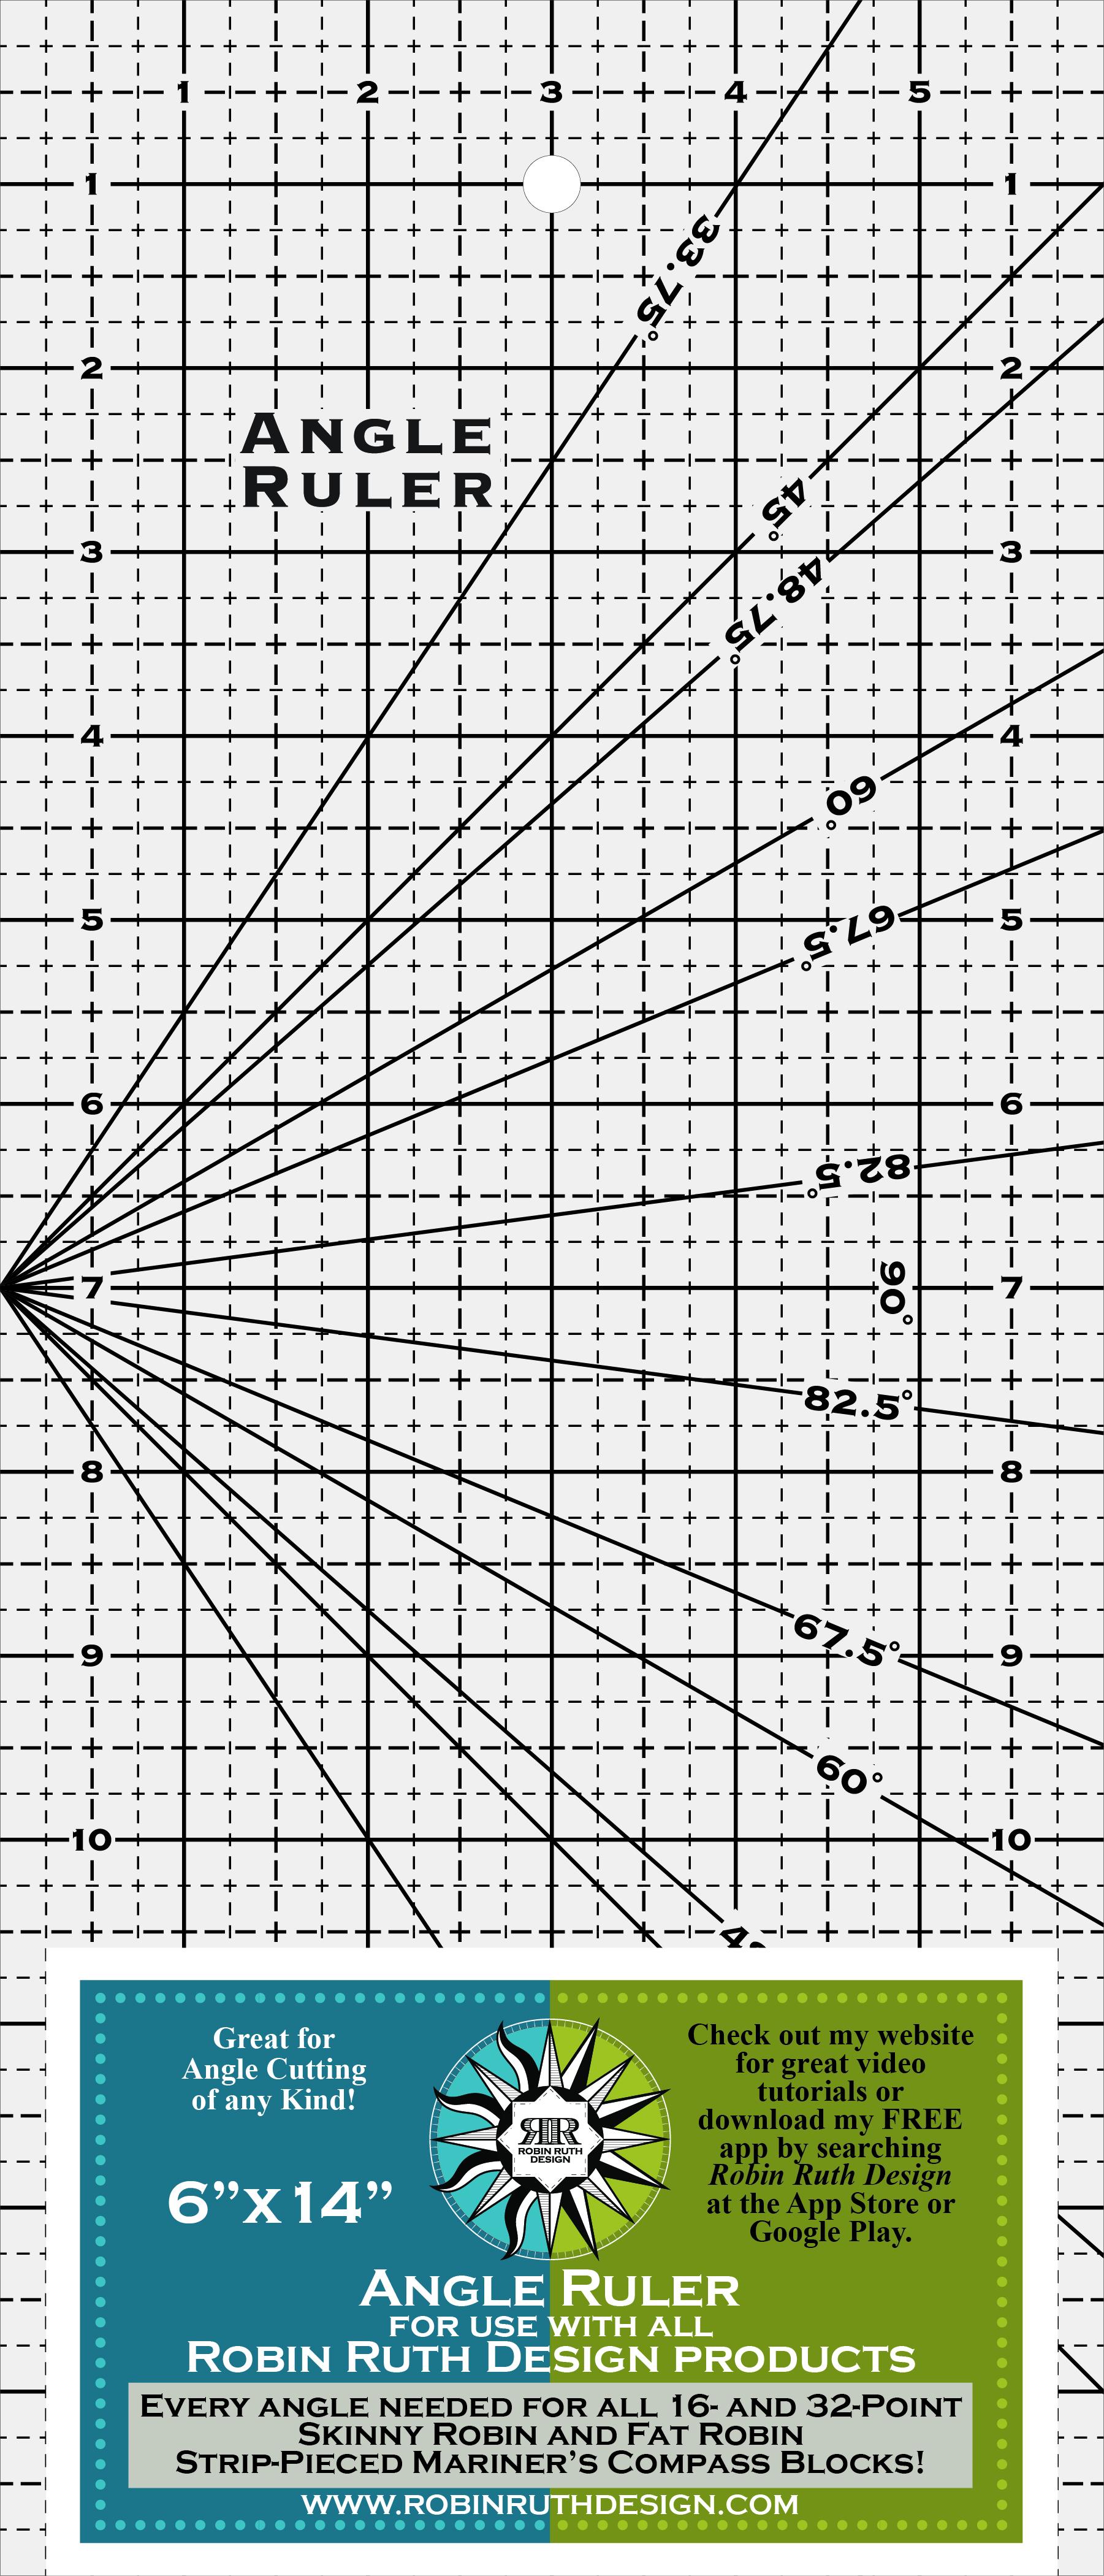 Angle Ruler Packaged.jpg